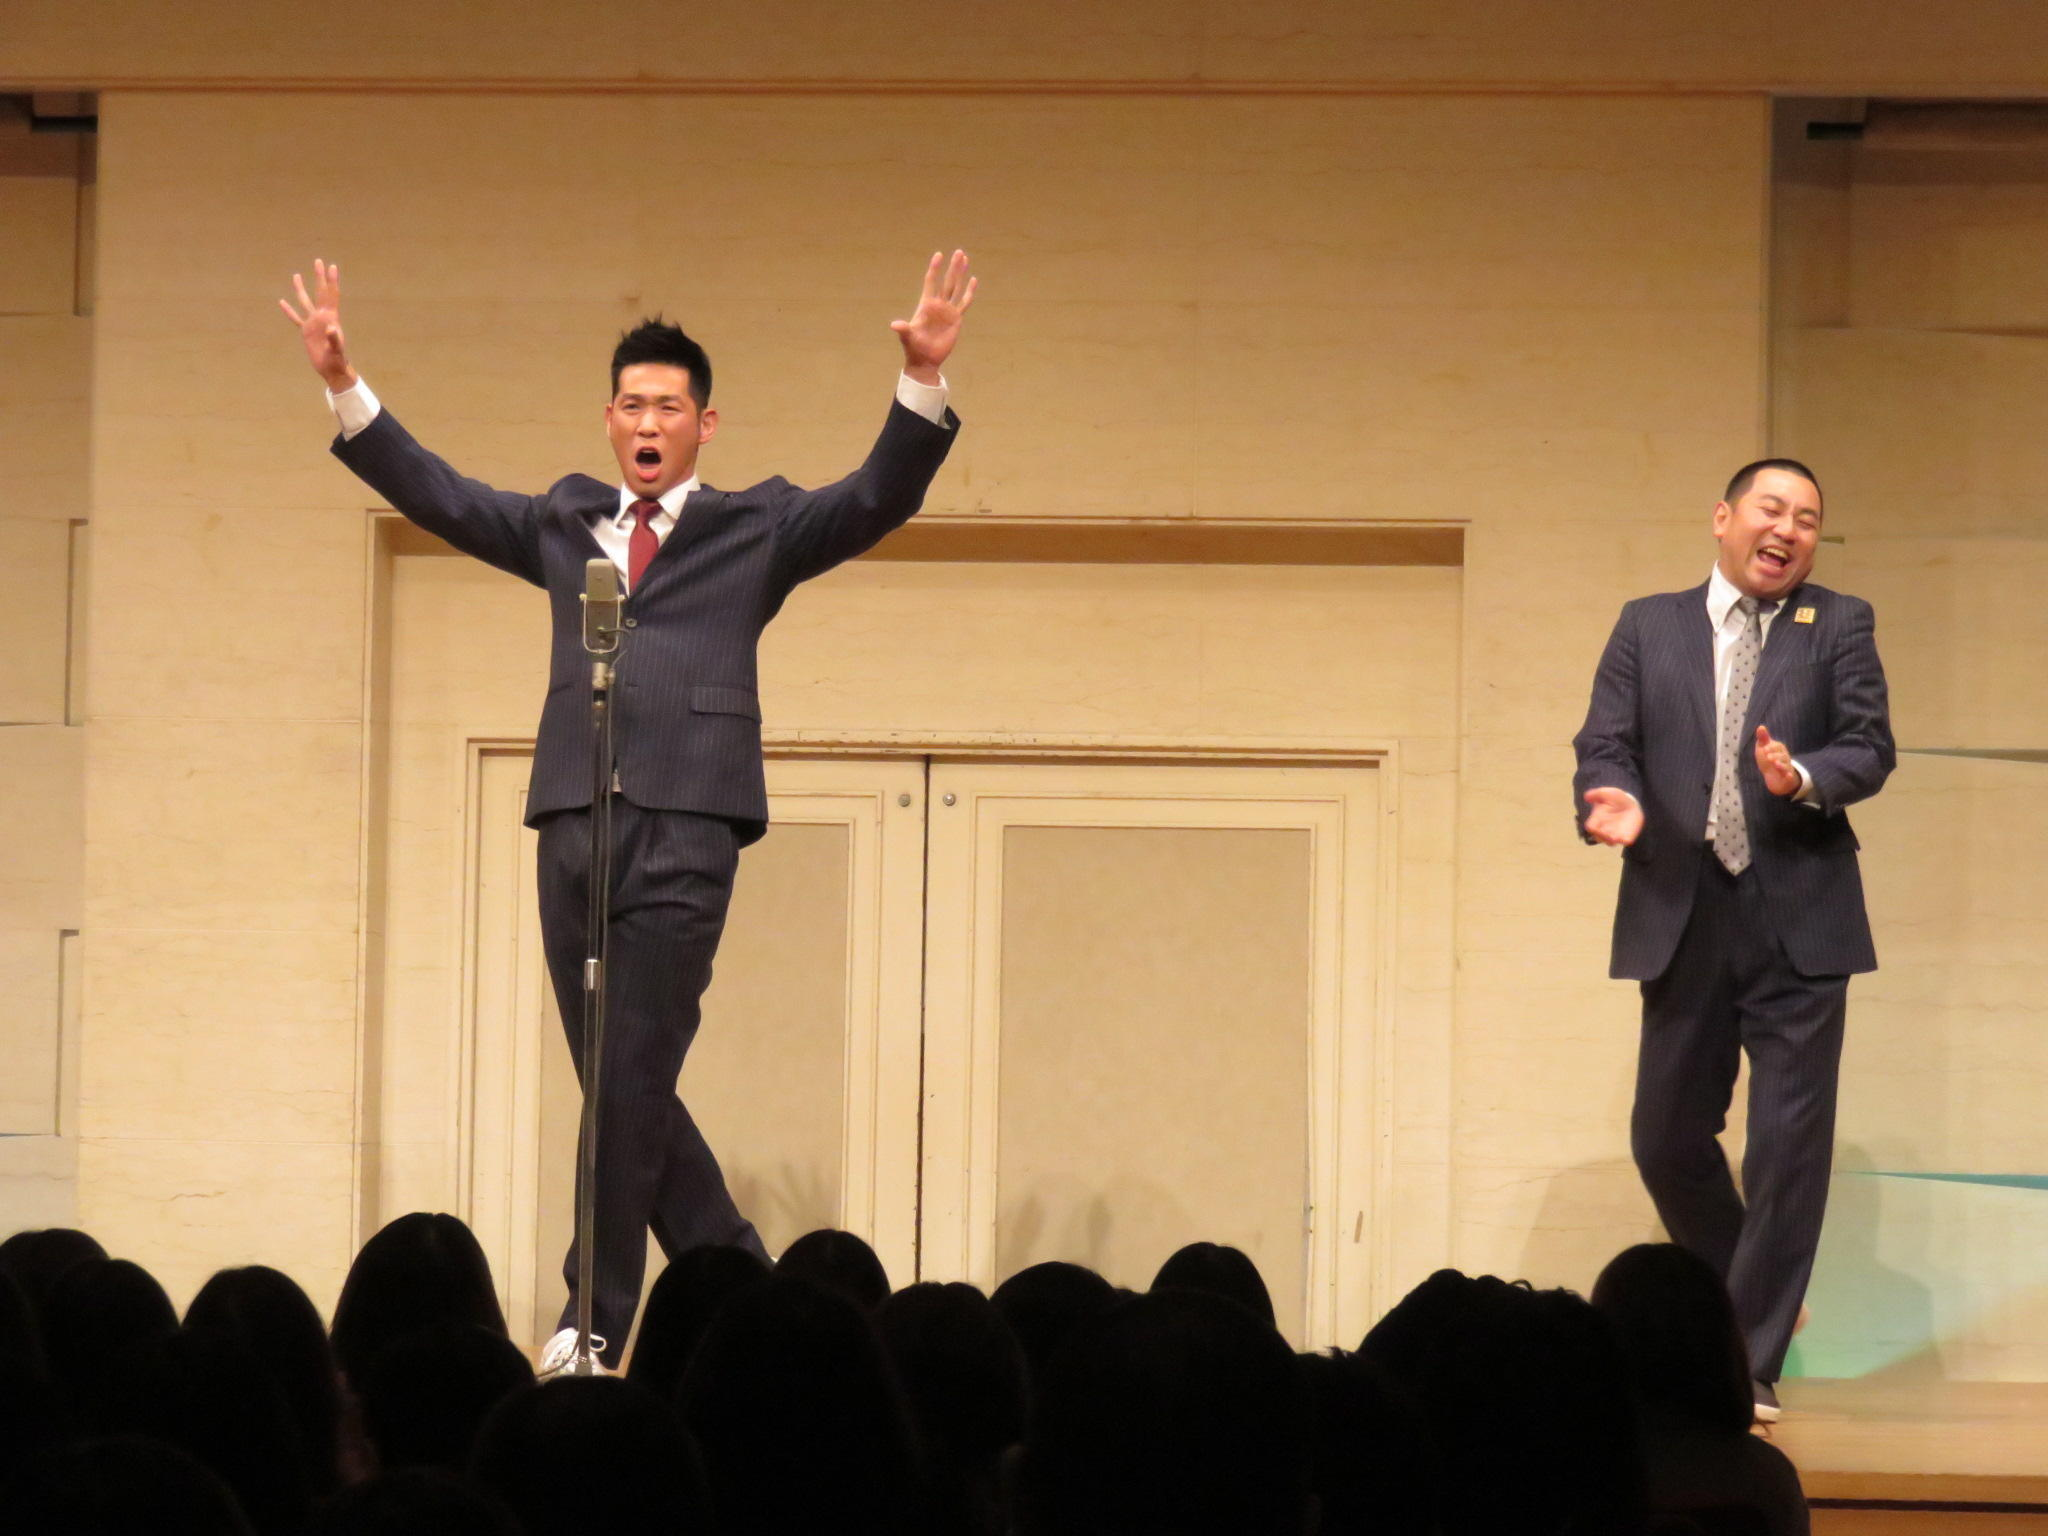 http://news.yoshimoto.co.jp/20170318143800-e876ef5a4d61b5d5e6189c8640cb2581873f6dc5.jpg